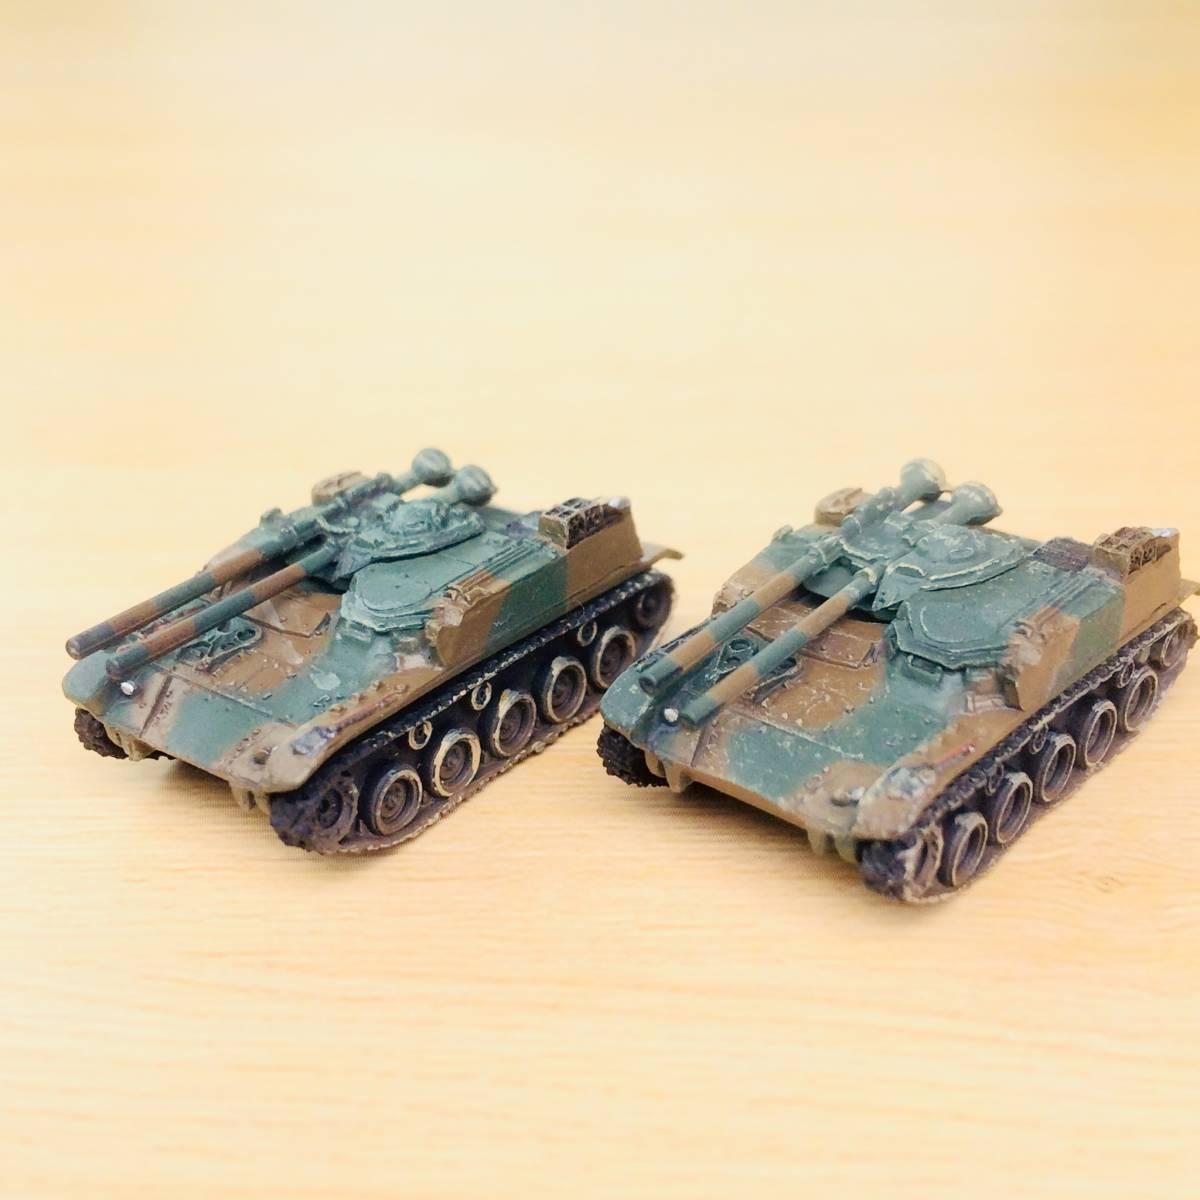 タカラ 1/144 ワールドタンクミュージアム04 「陸上自衛隊60式自走無反動砲 二色迷彩」2両まとめて